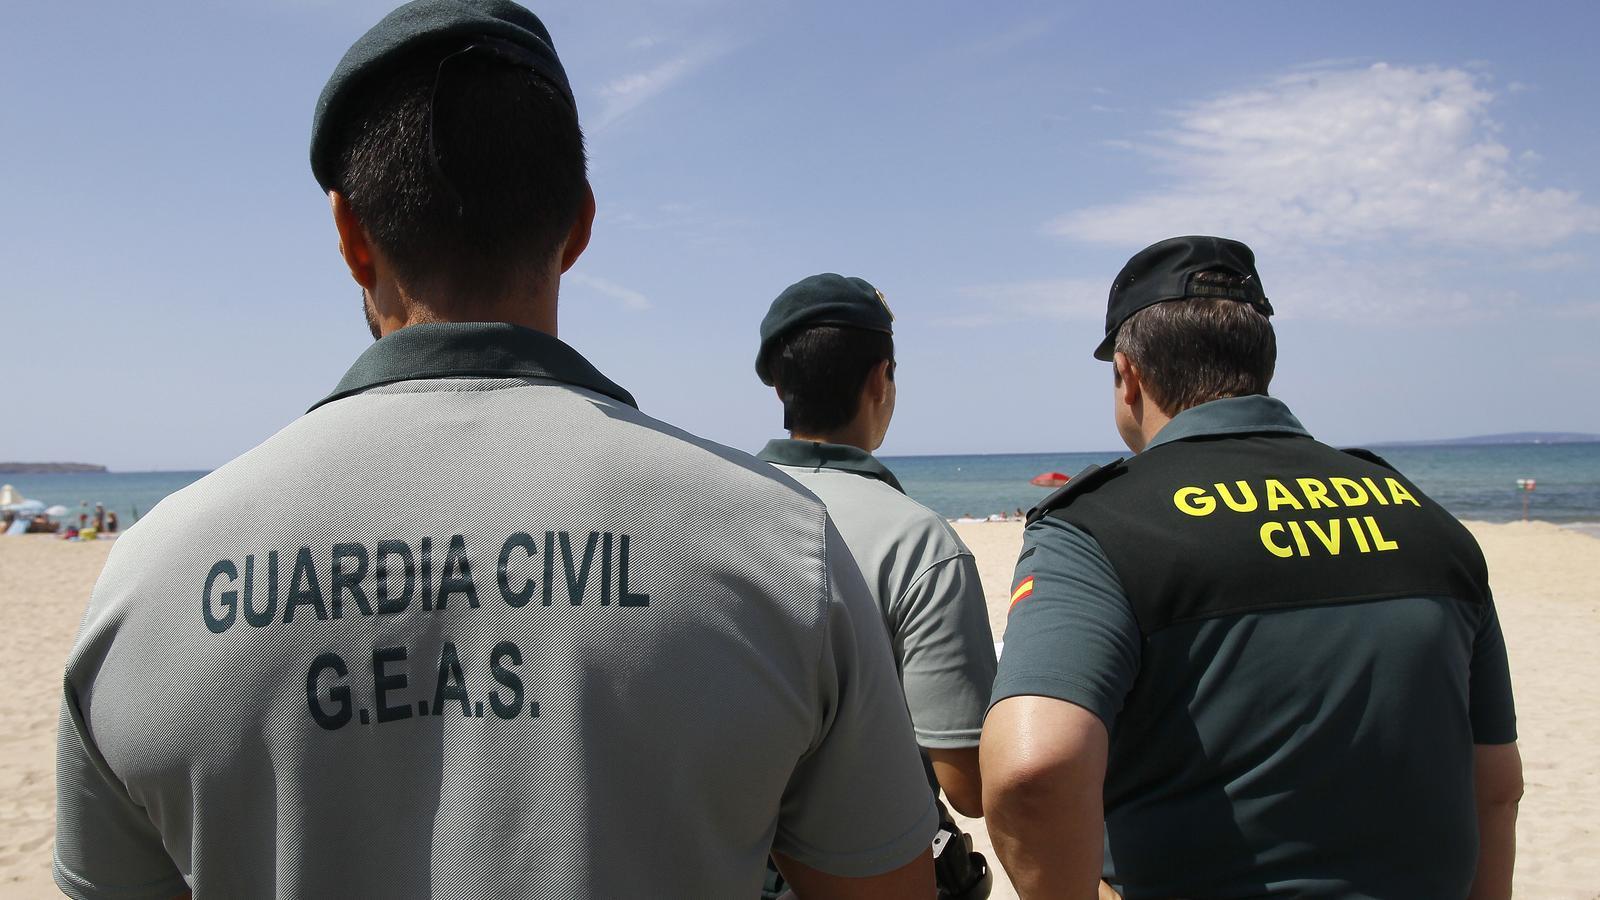 Membres del Grup Especial d'Activitats Subaquàtiques (GEAS)./ ARXIU